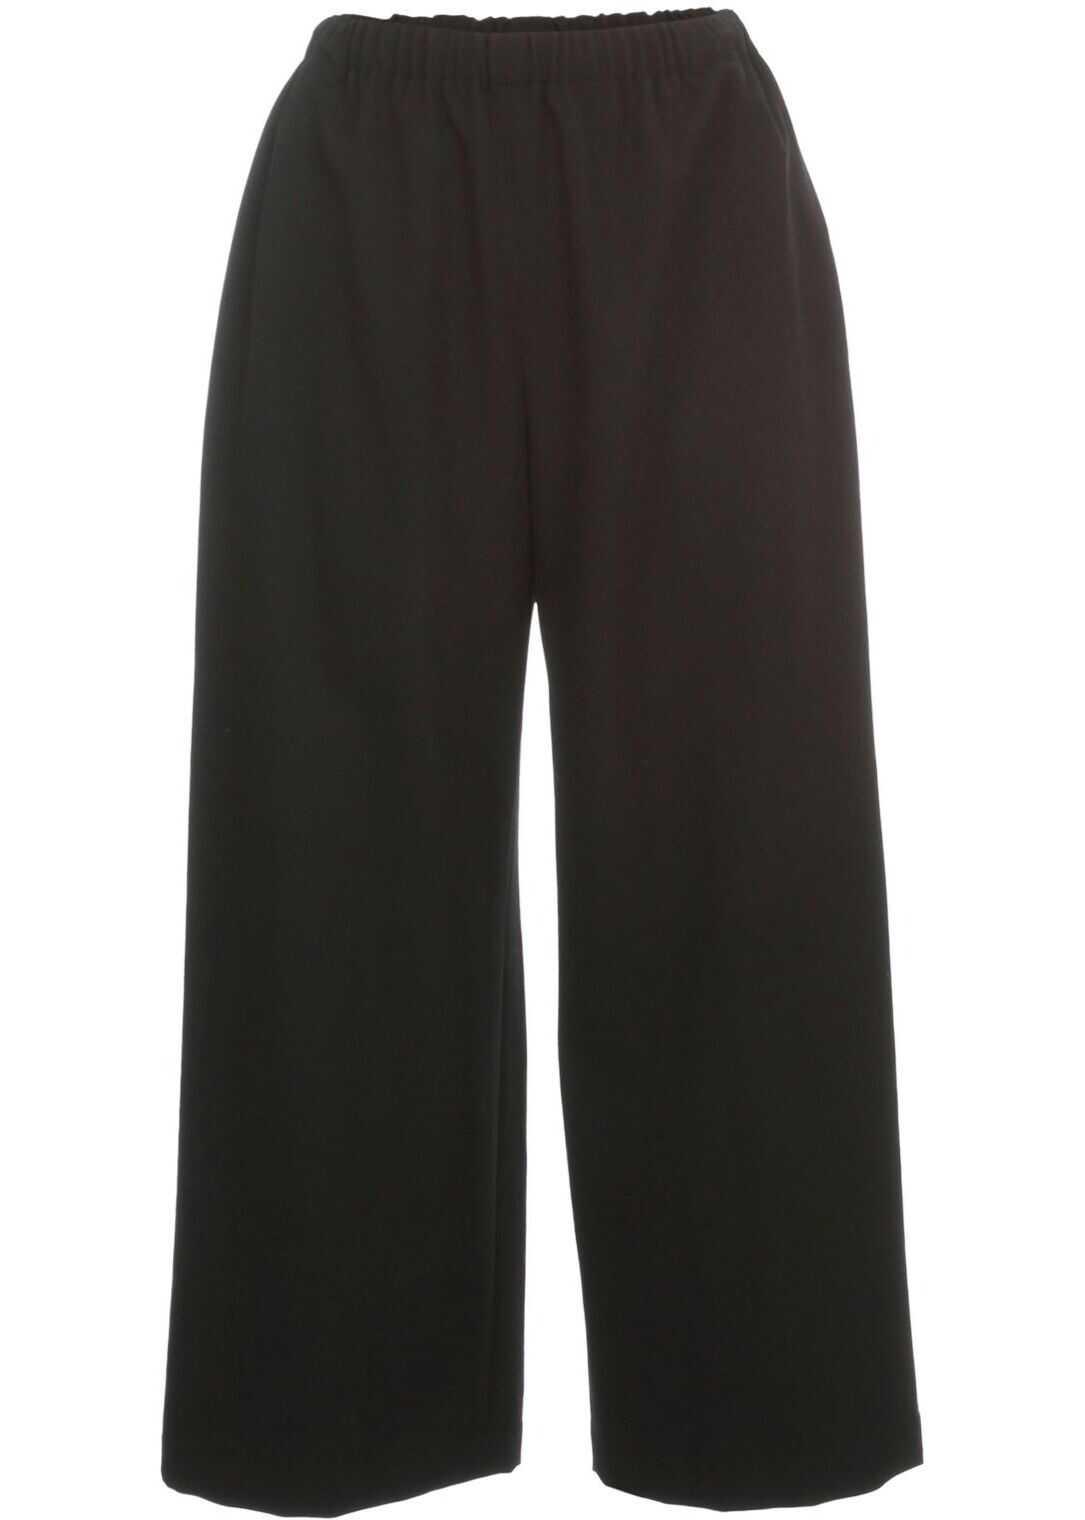 Comme des Garçons Wool Pants BLACK